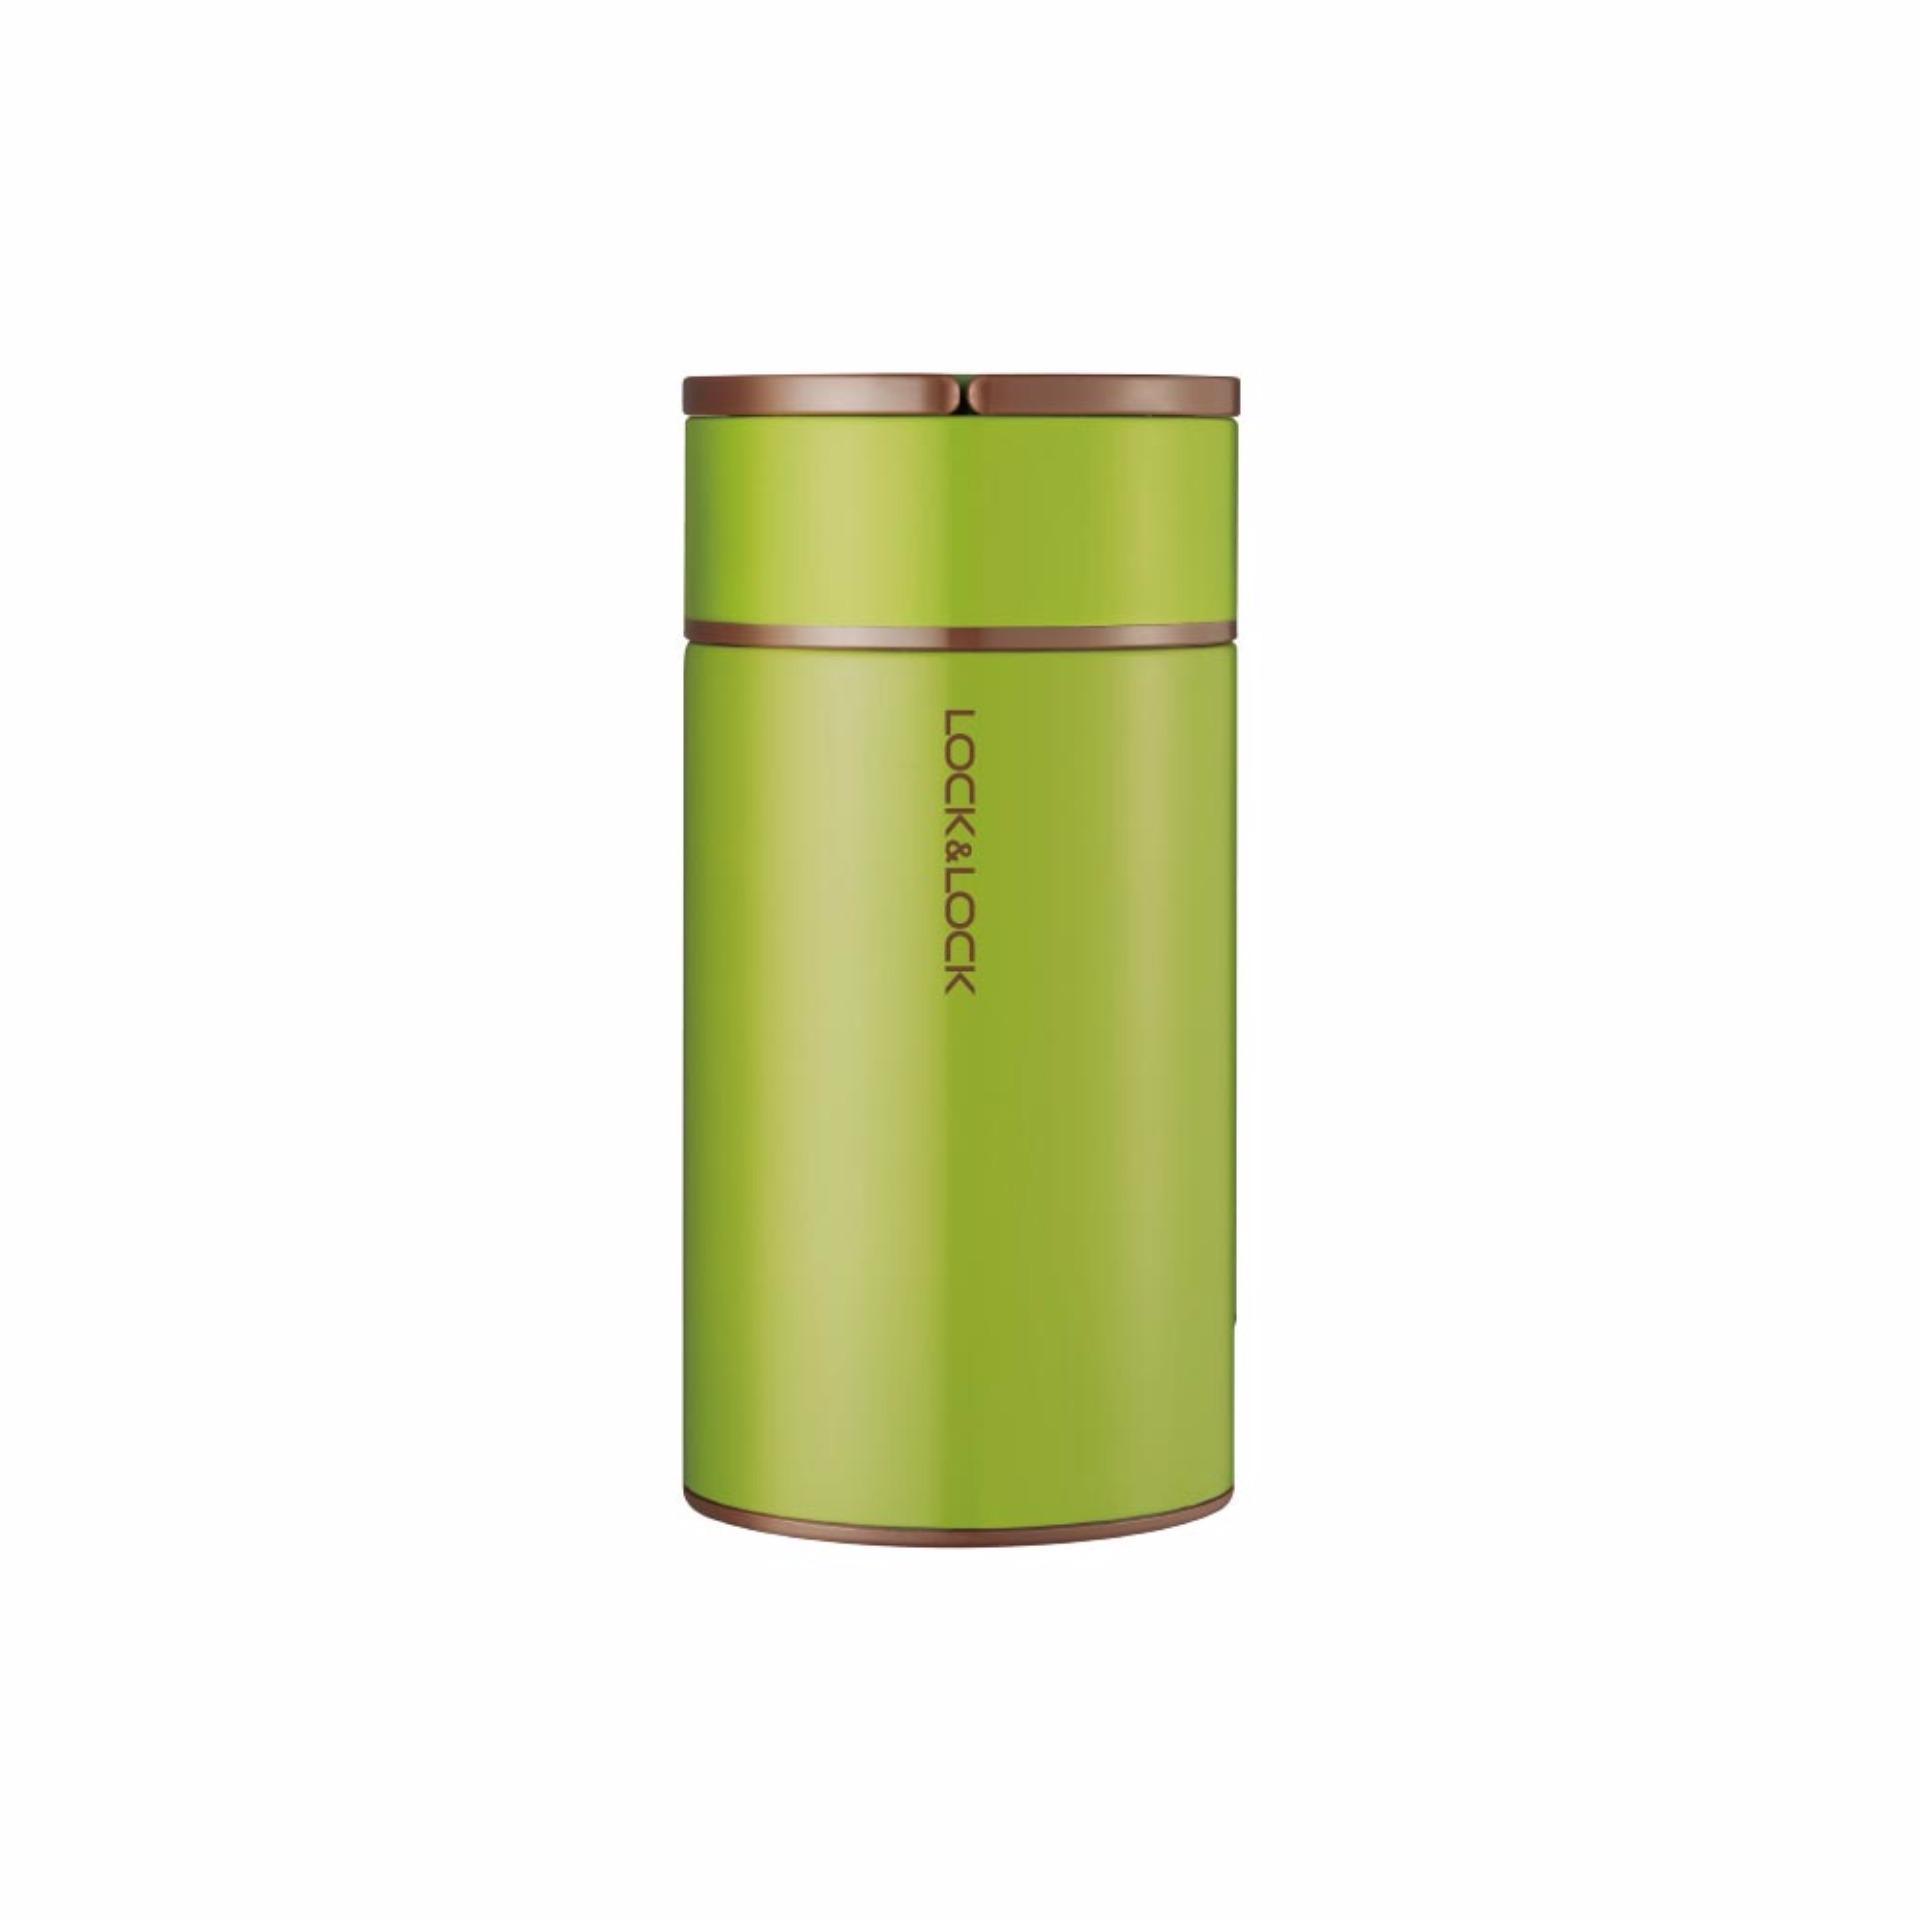 Hộp giữ nhiệt đựng thức ăn Lock&Lock Column Food Jar 750ml – Màu xanh lá